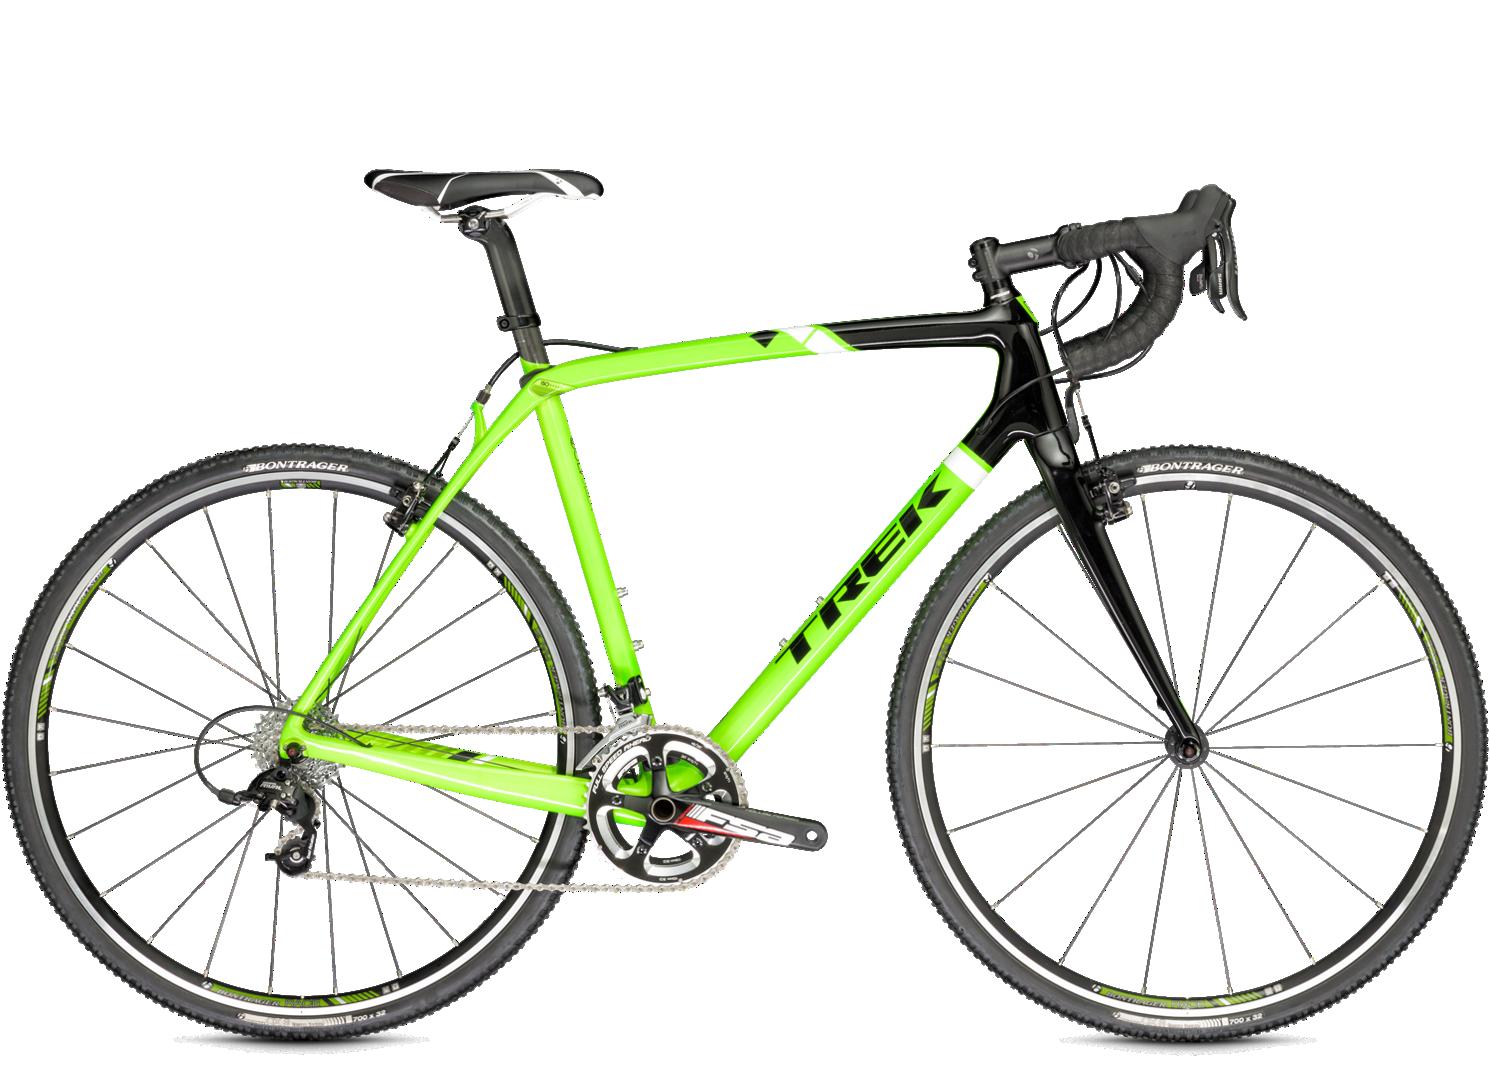 Boone 7 New Trek Bicycle